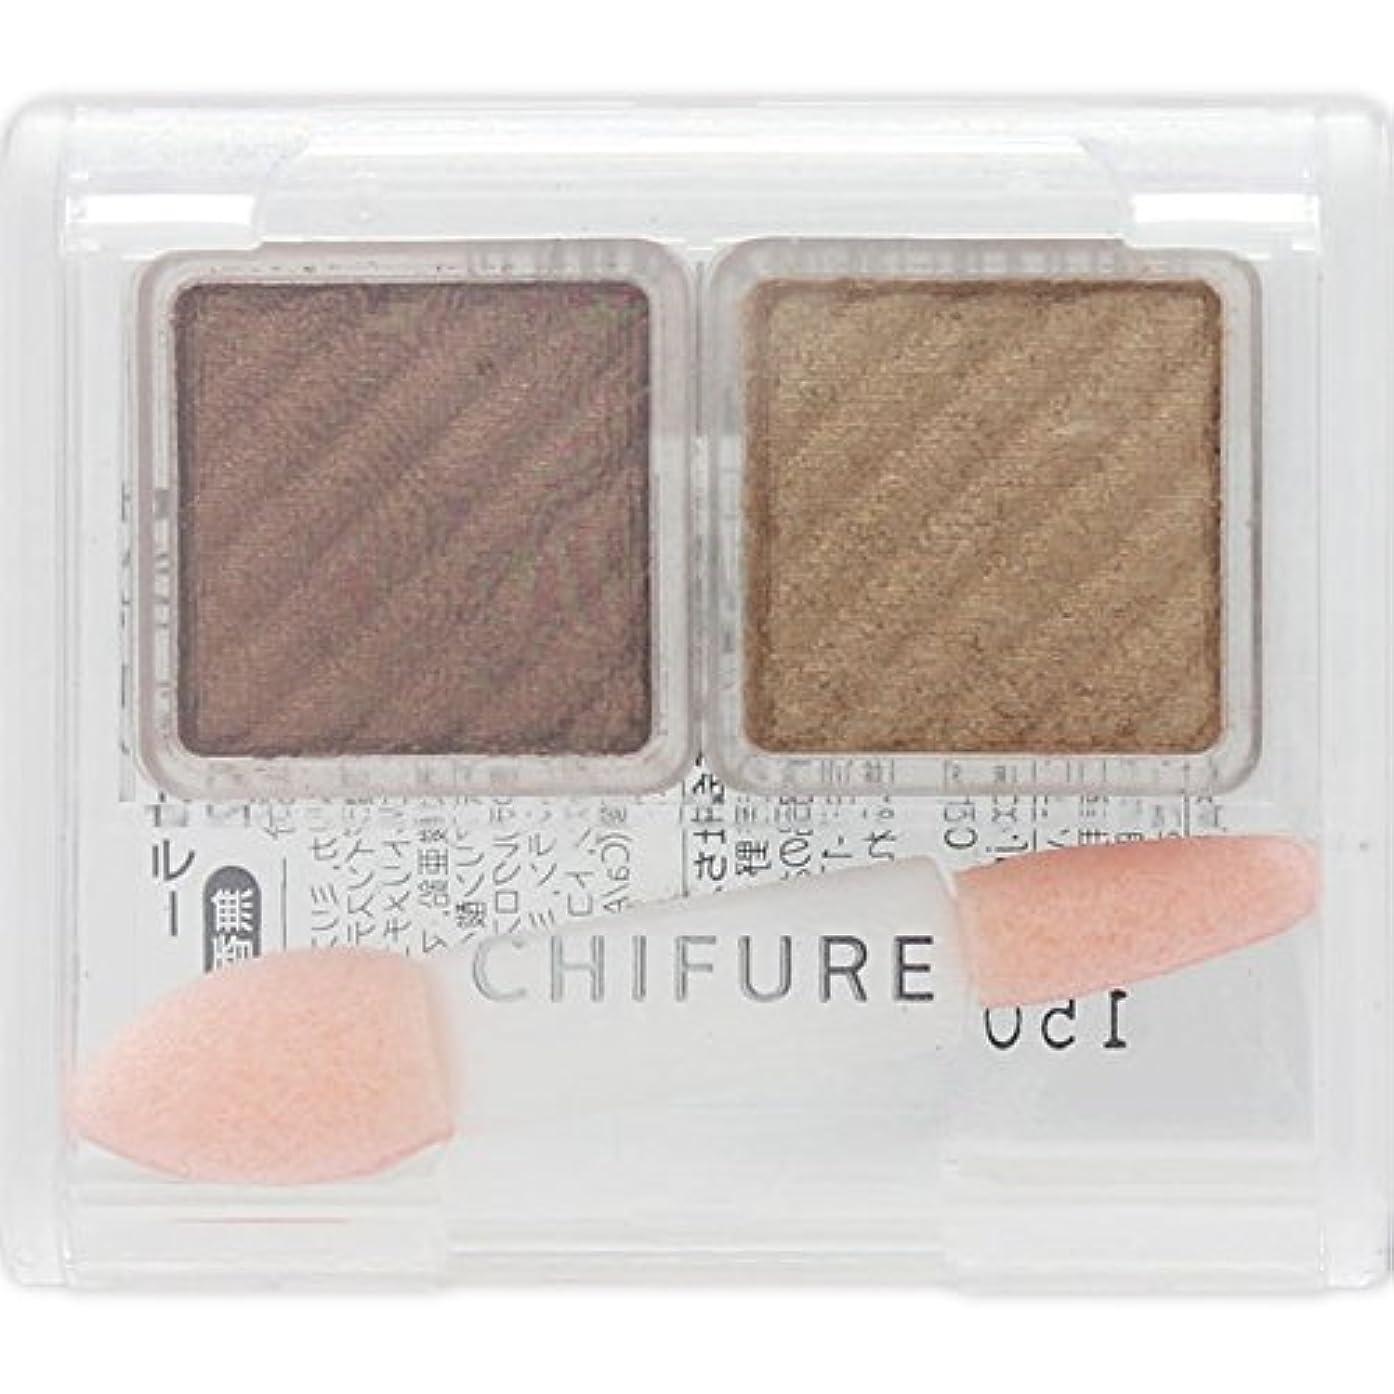 有効化ライラック技術的なちふれ化粧品 アイ カラー(チップ付) 72 ブラウン&ゴールド